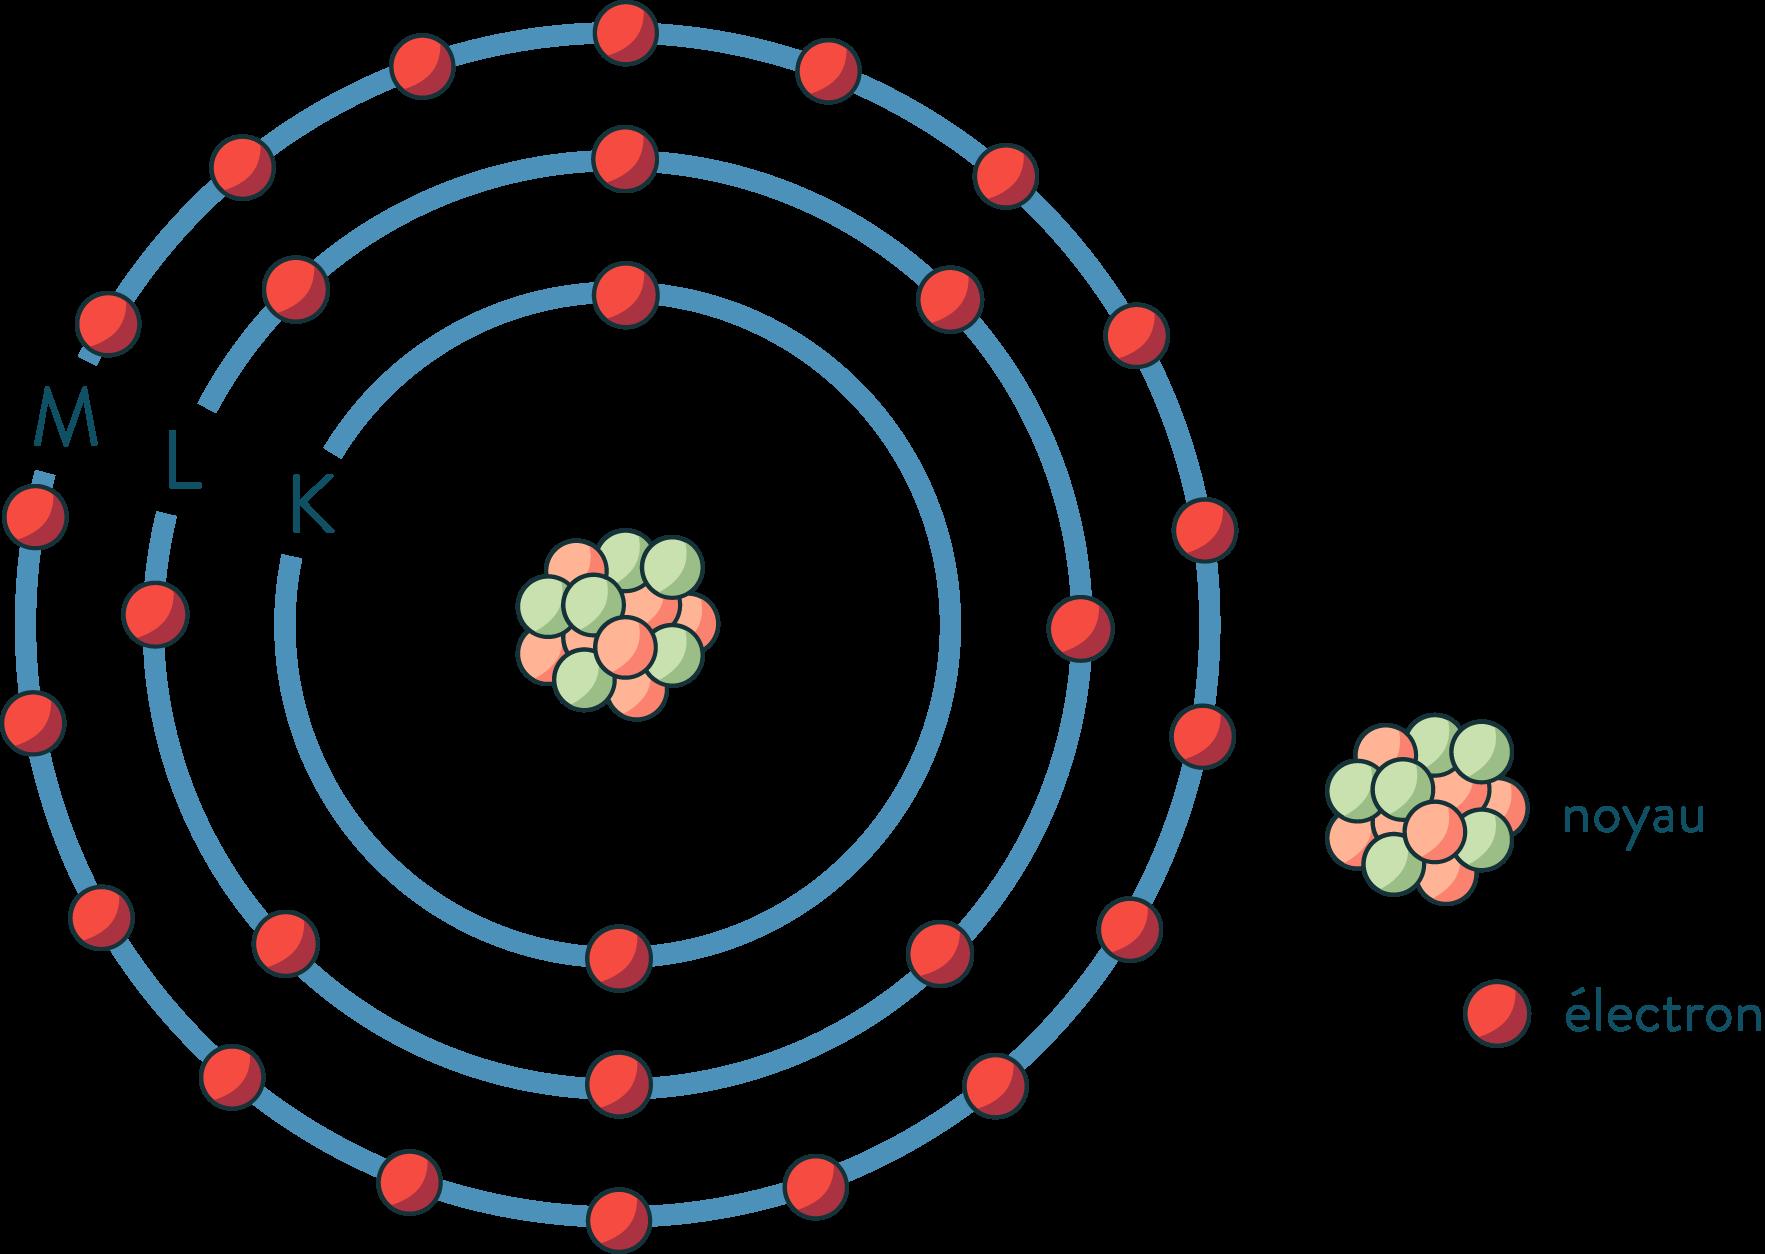 Les couches électroniques de l'atome physique-chimie seconde